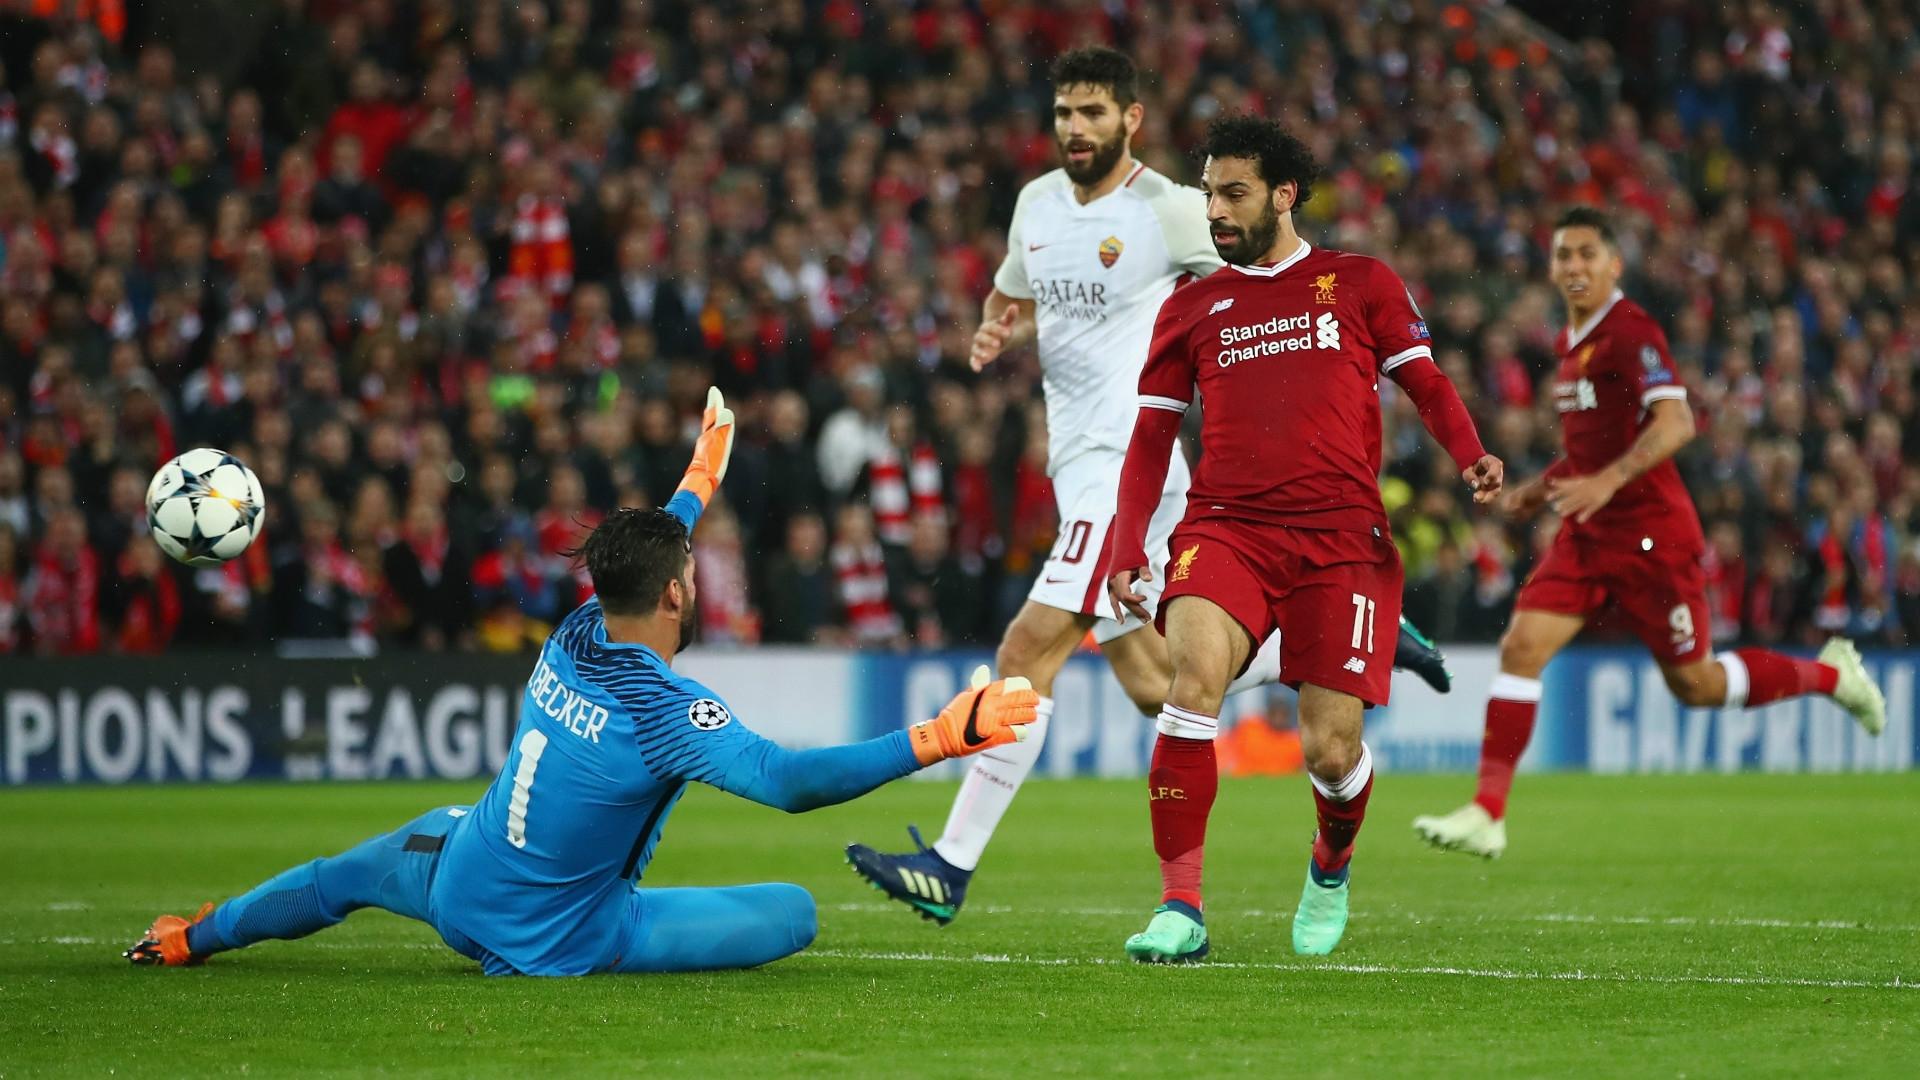 Mohamed Salah - former AS Roma player